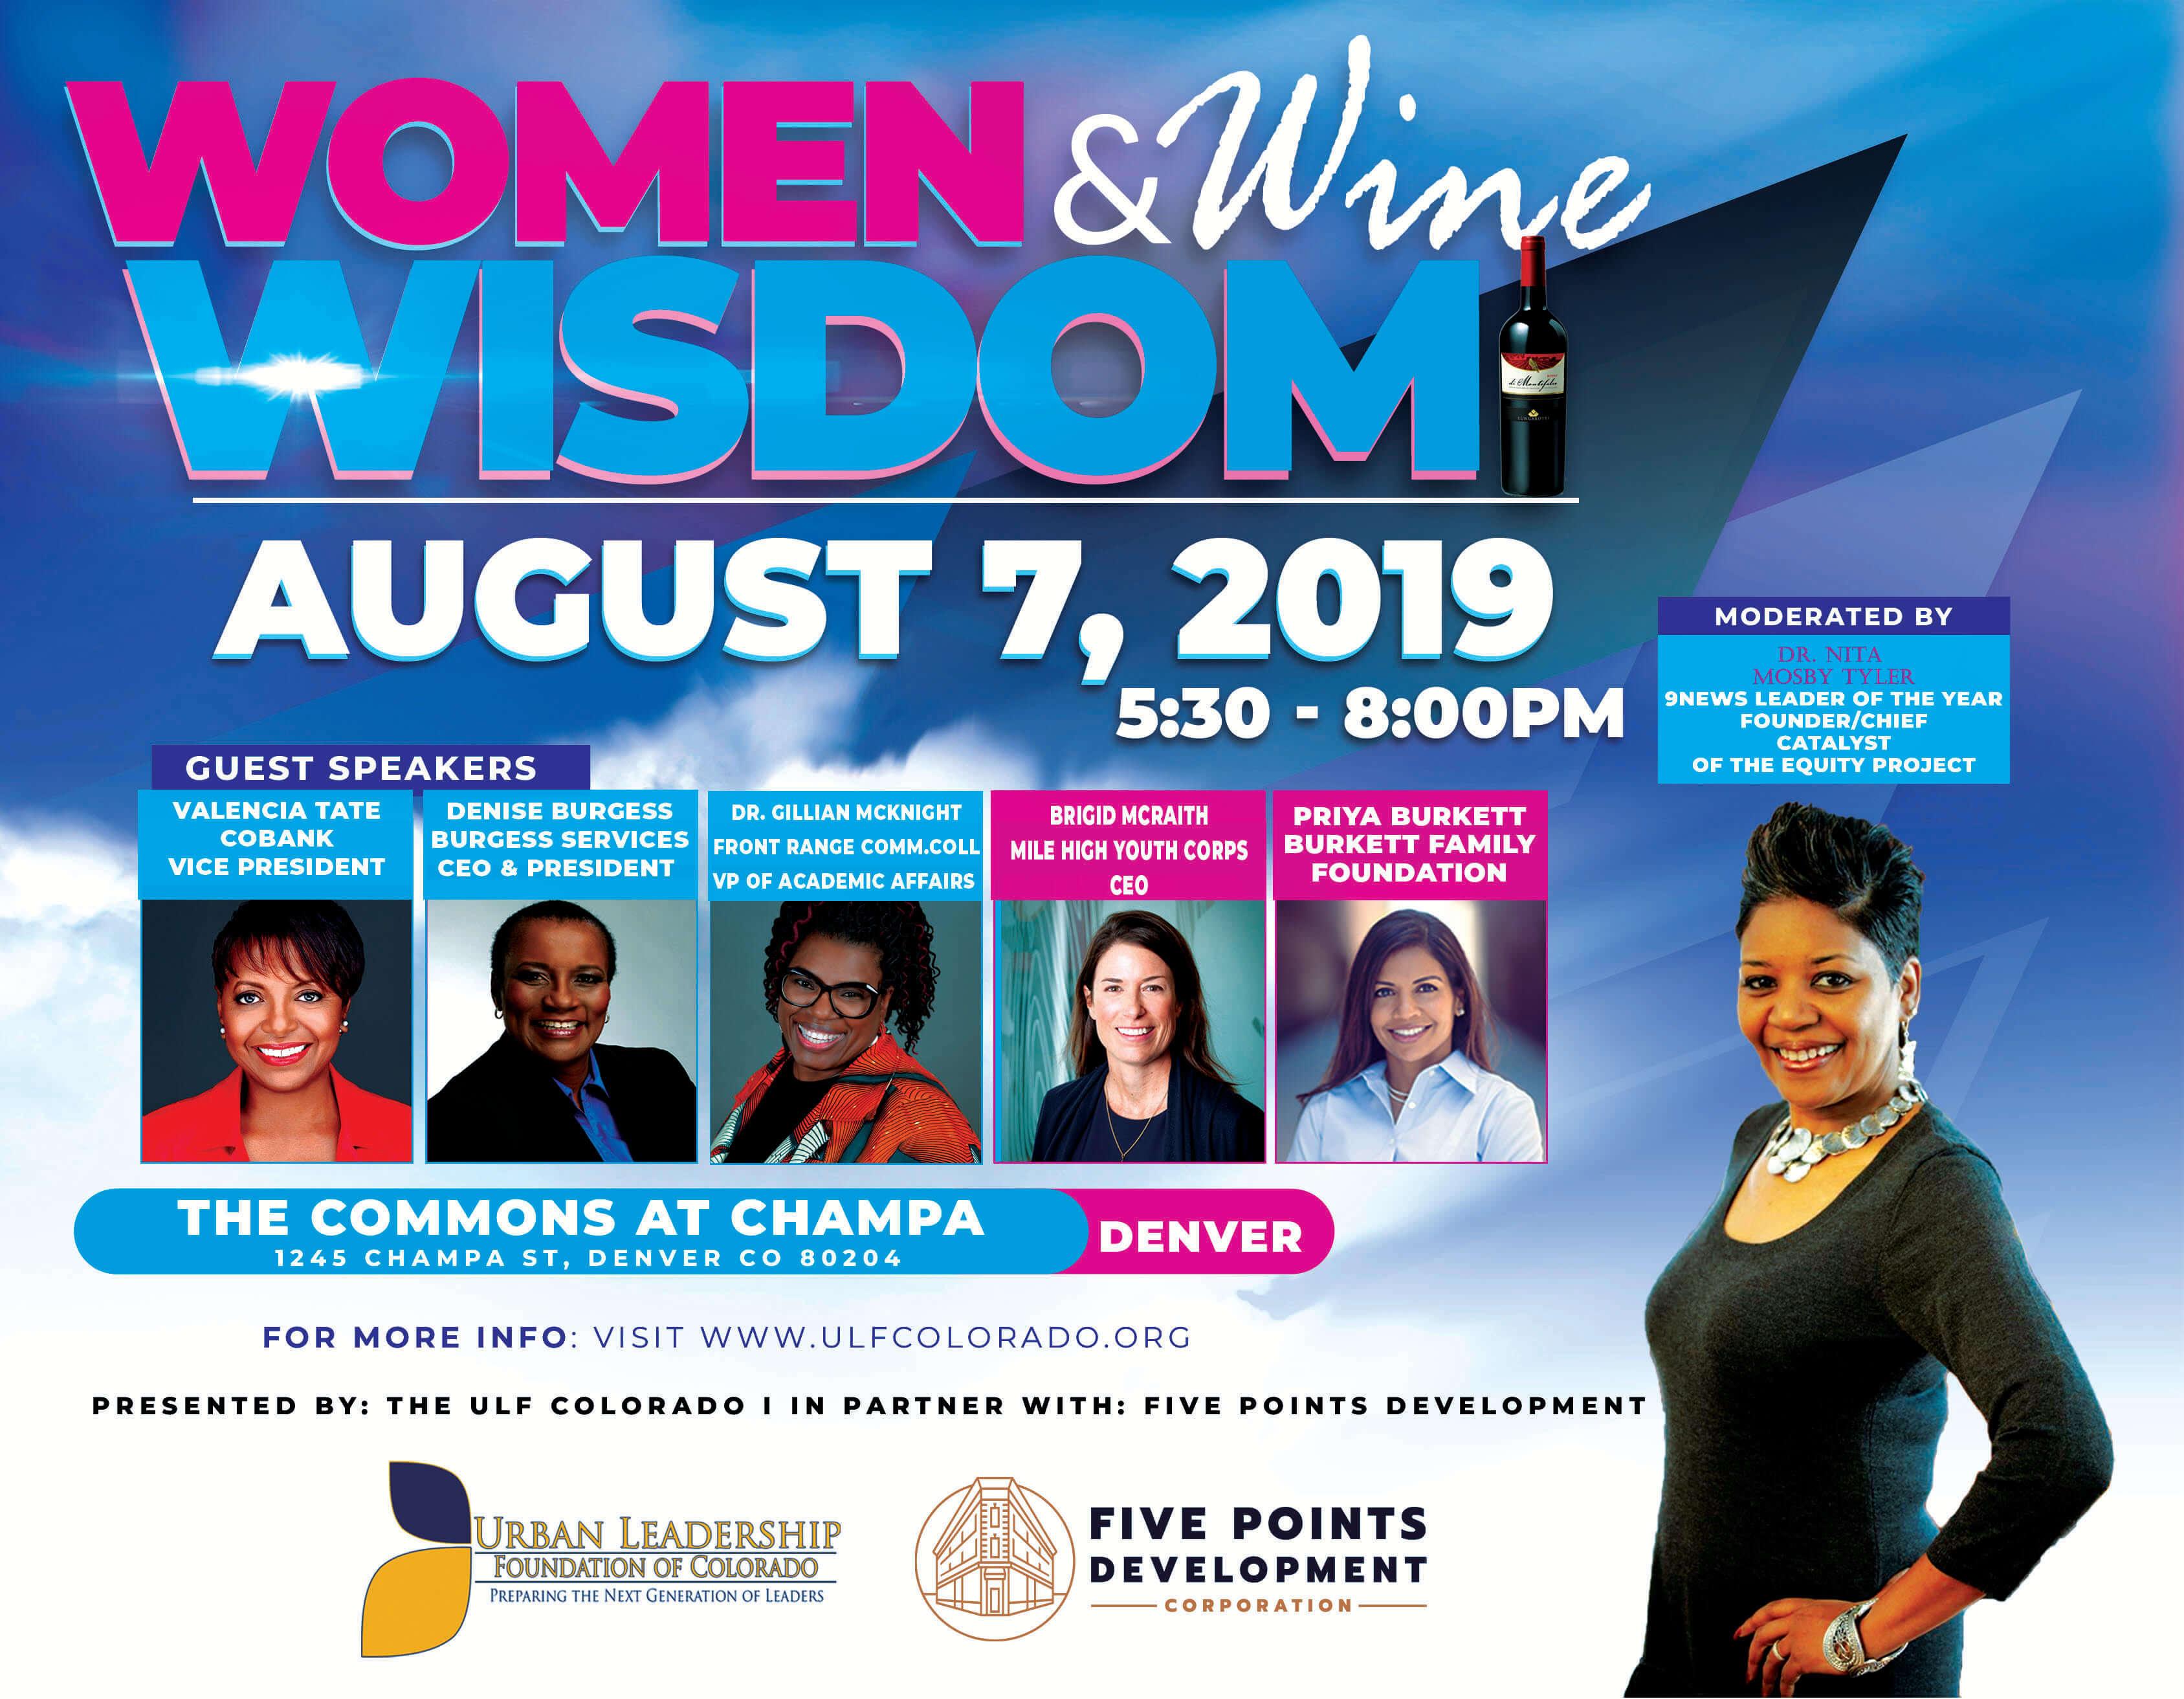 2019 Women Wisdom & Wine